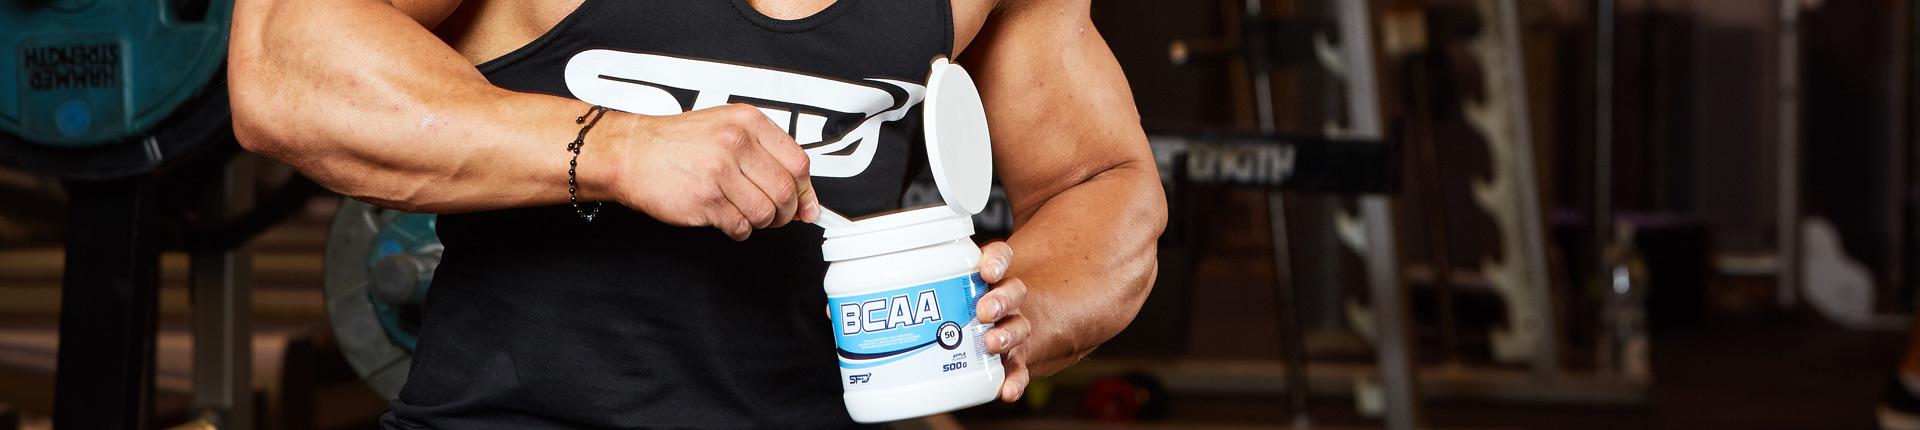 9 powodów dla których warto stosować aminokwasy BCAA